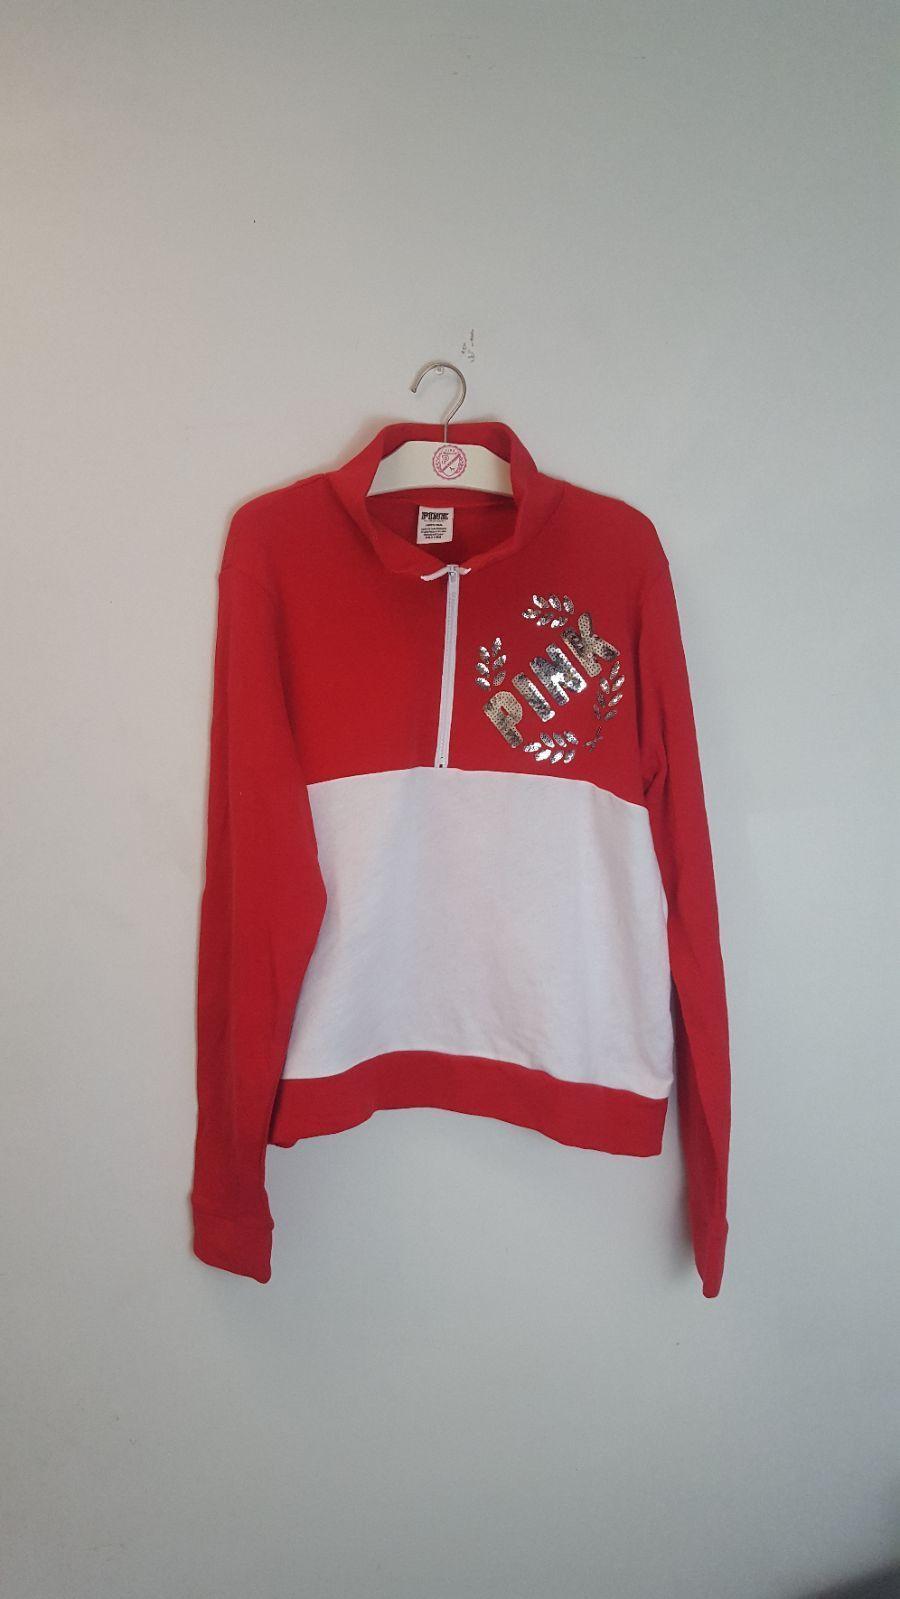 NWOT VS PINK L Bling Half Zip Sweater - Mercari: BUY & SELL THINGS ...